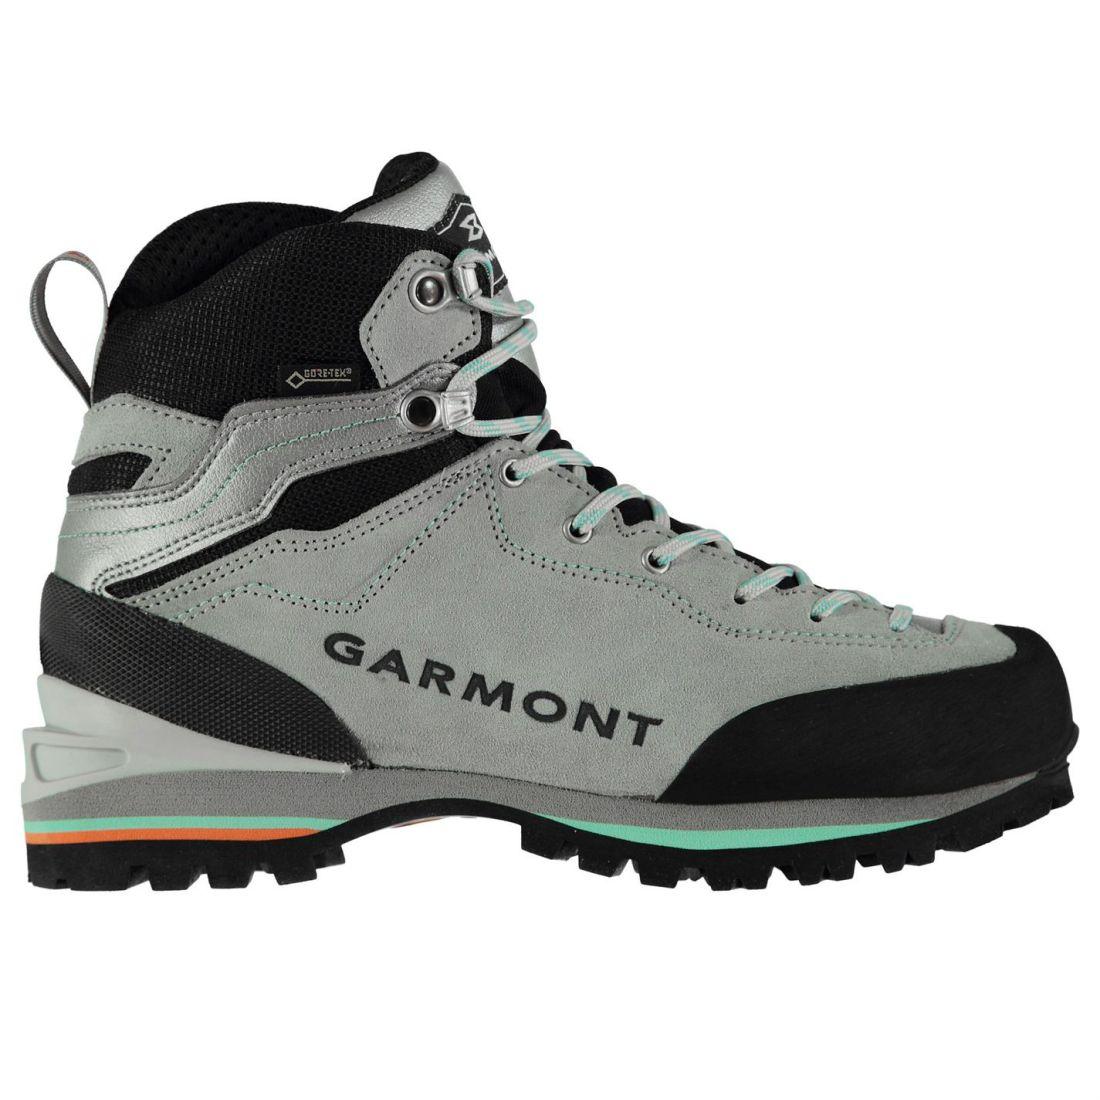 Garmont Ascent GTX Ladies Walking Boots  e45705ce539